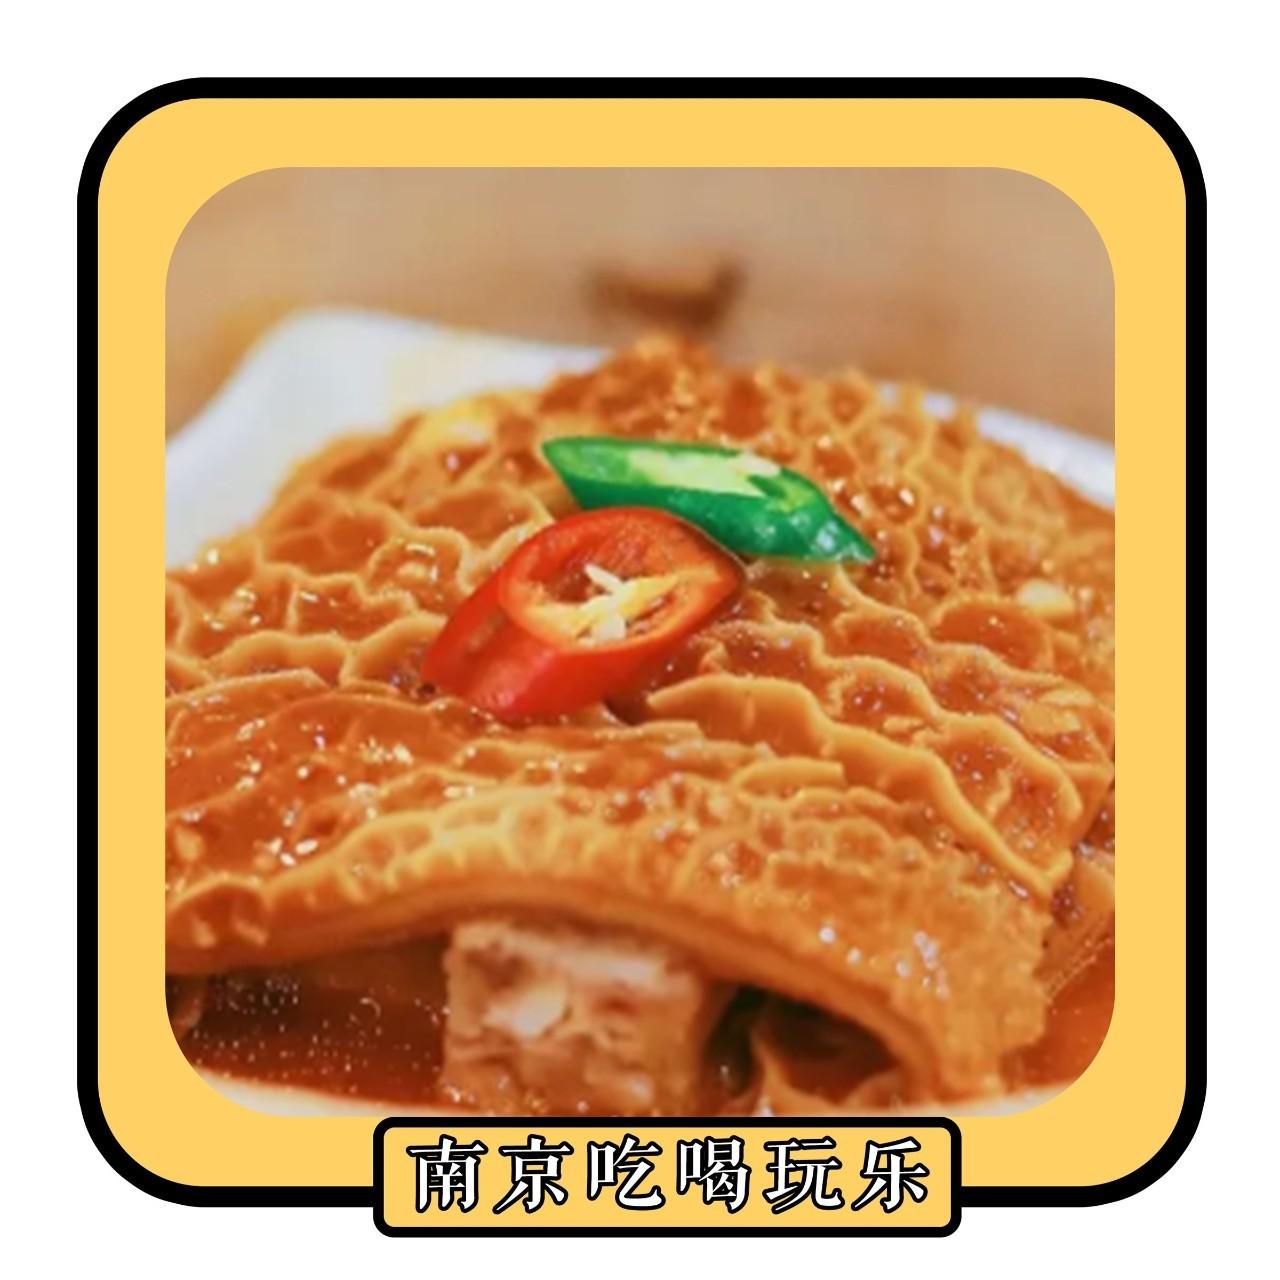 南京这些港式茶餐厅,人均几十就能吃出正宗TVB味道!